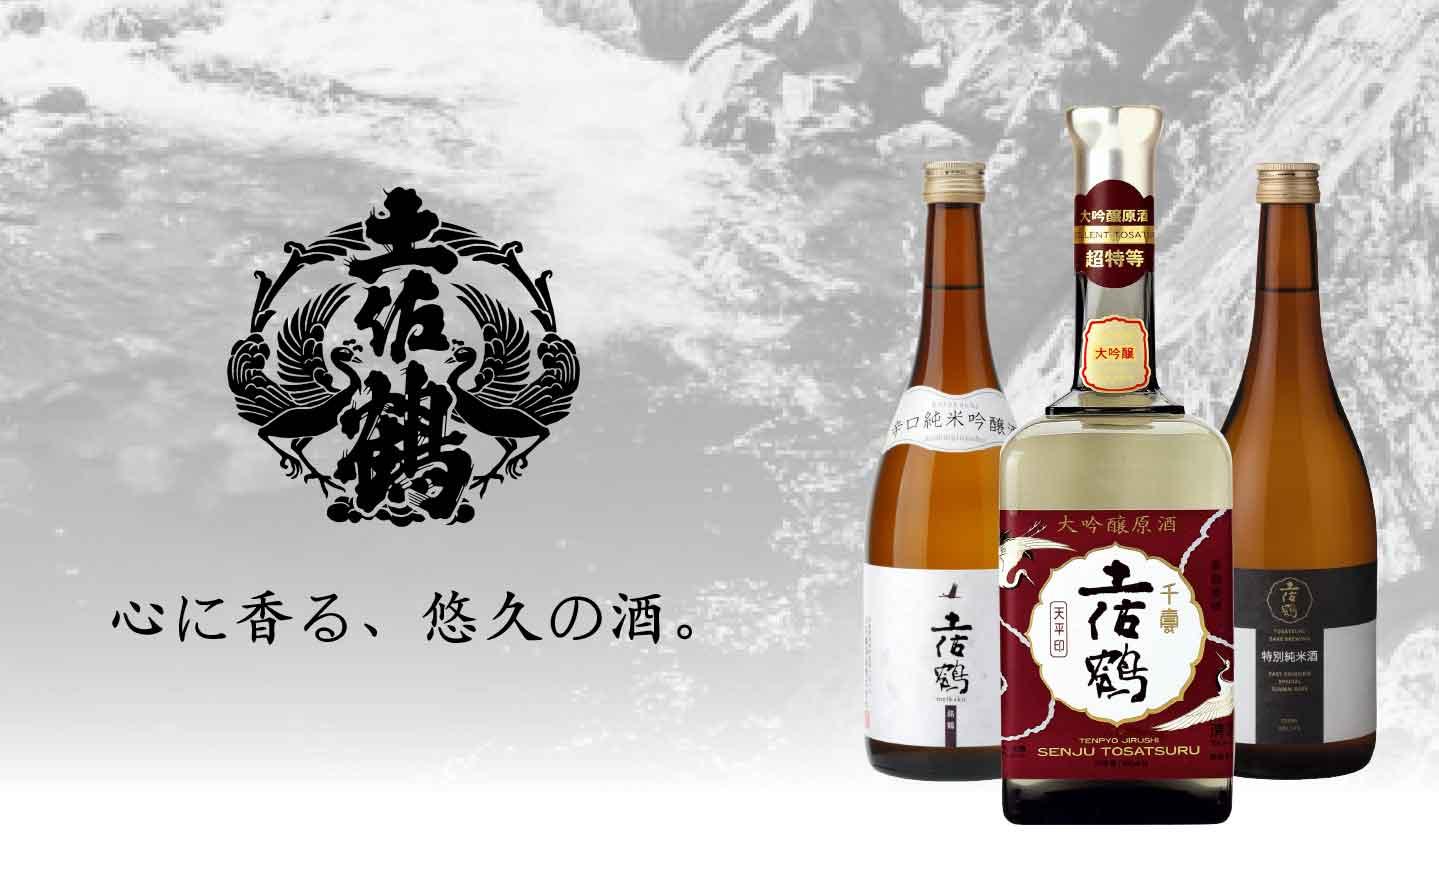 土佐鶴オンライン|心に香る悠久の酒